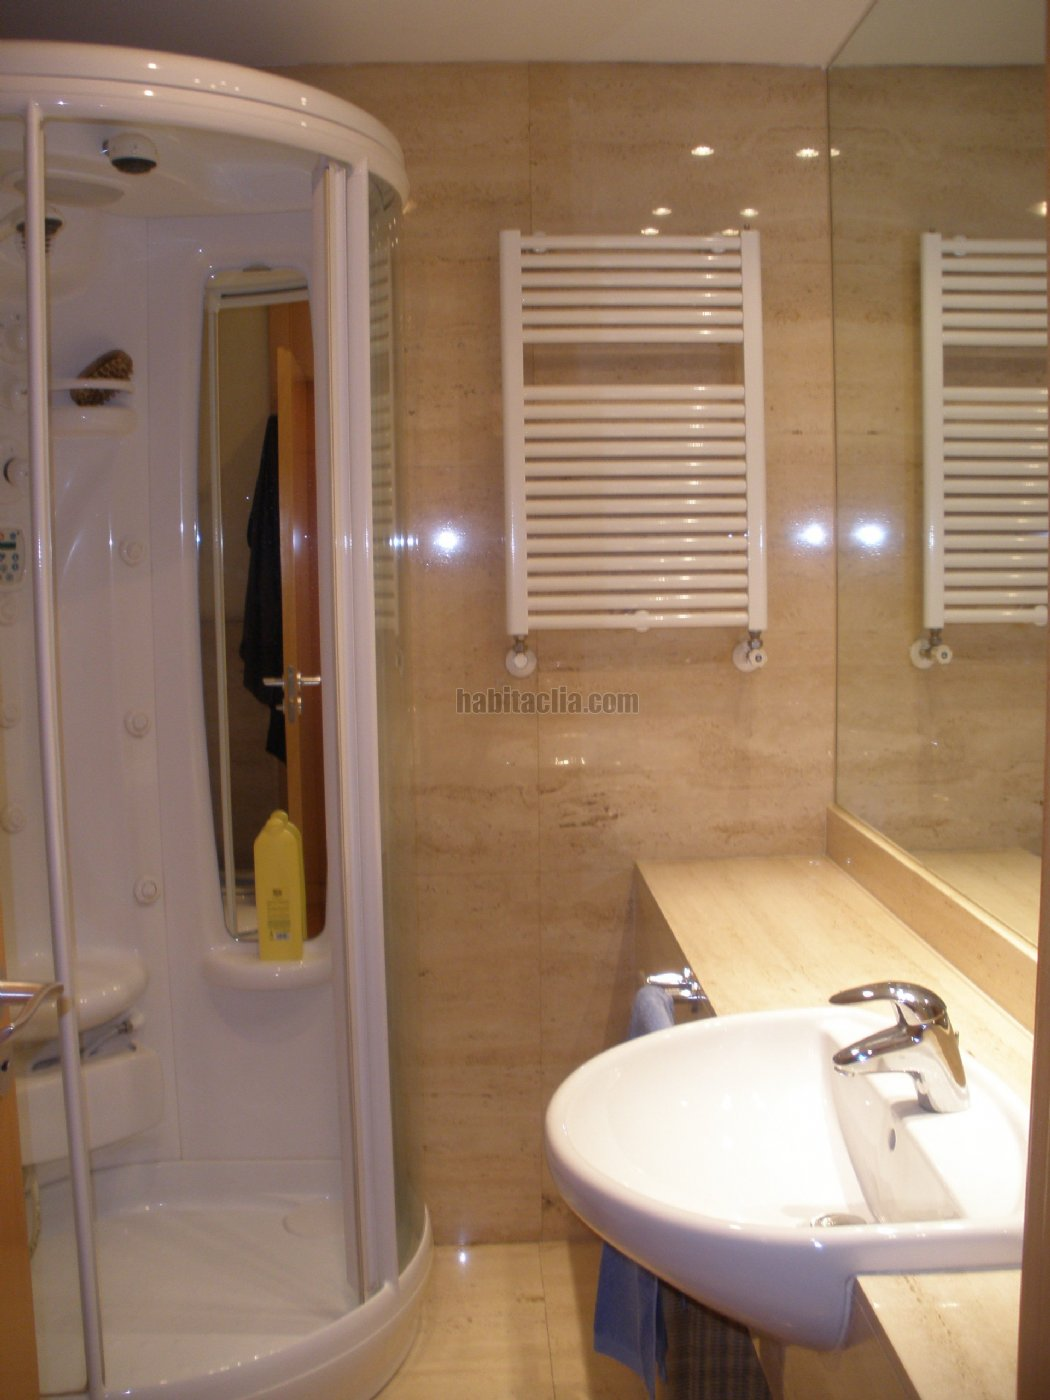 Alquiler d plex por en c miguel aracil tico duplex de lujo con piscina privada en - Suite con piscina privada madrid ...